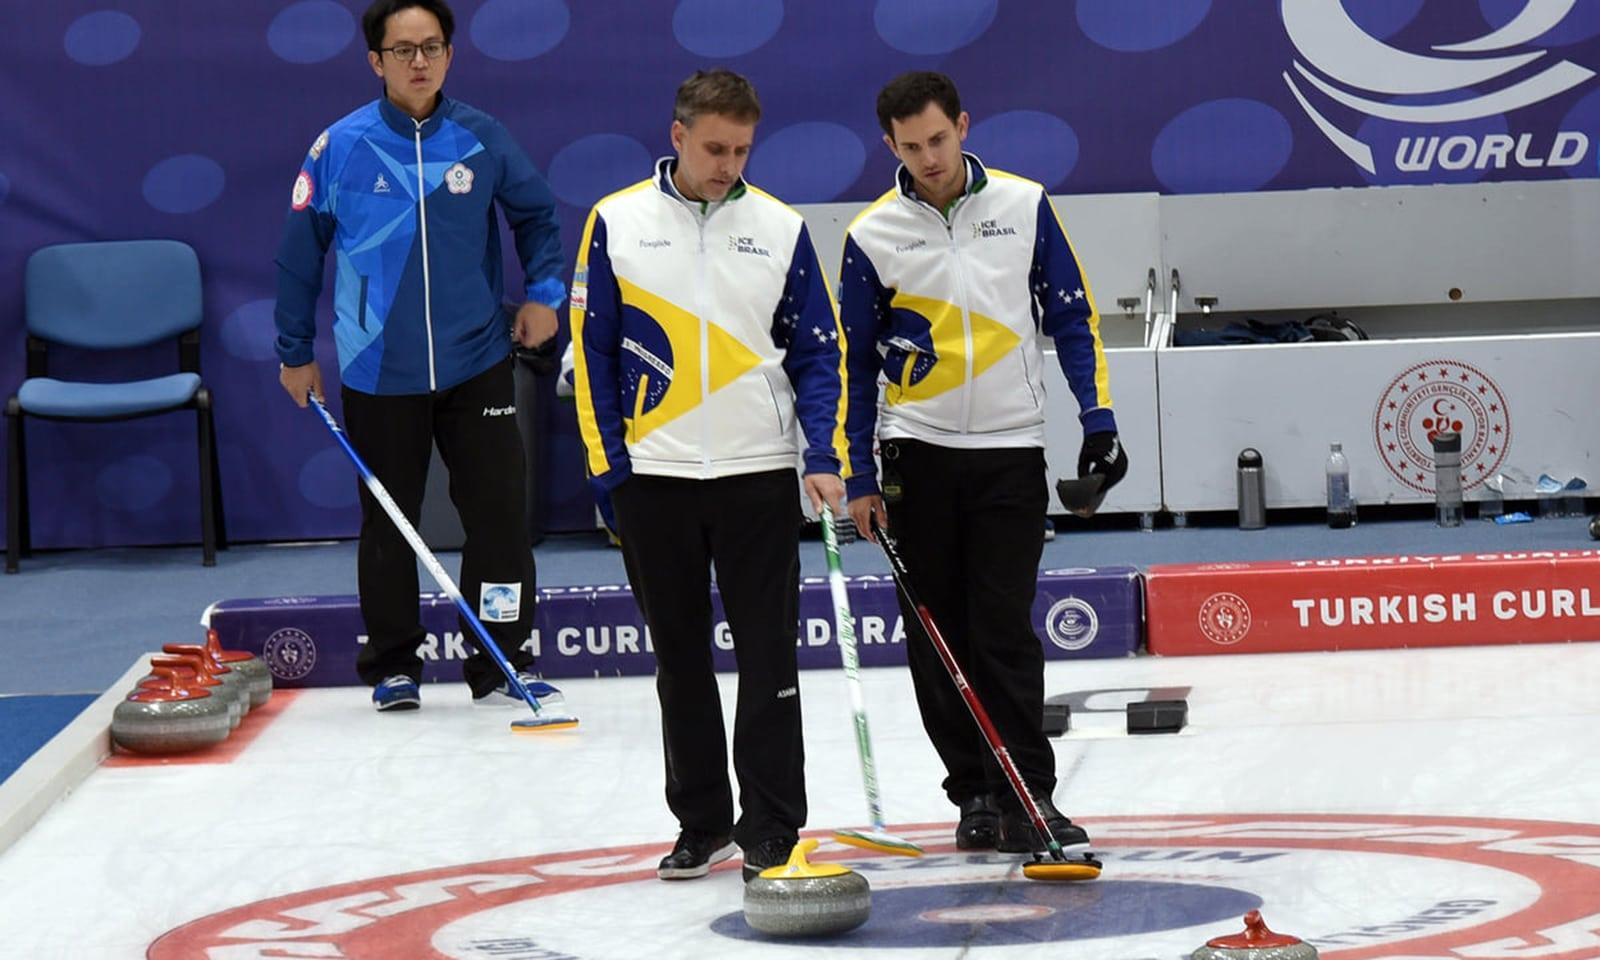 Curling do Brasil assimila lições para crescer no esporte